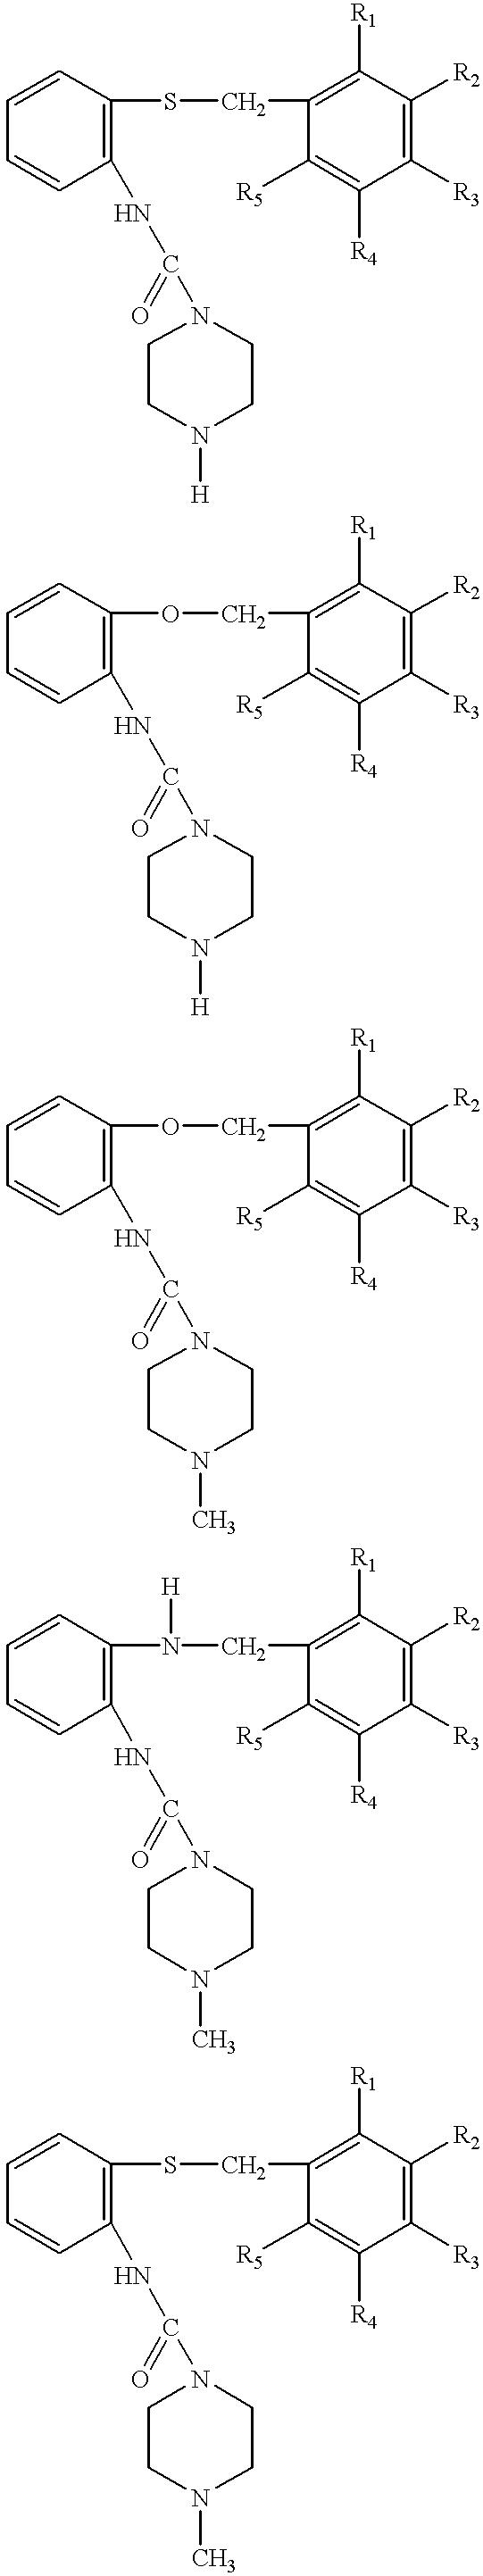 Figure US06541479-20030401-C00014